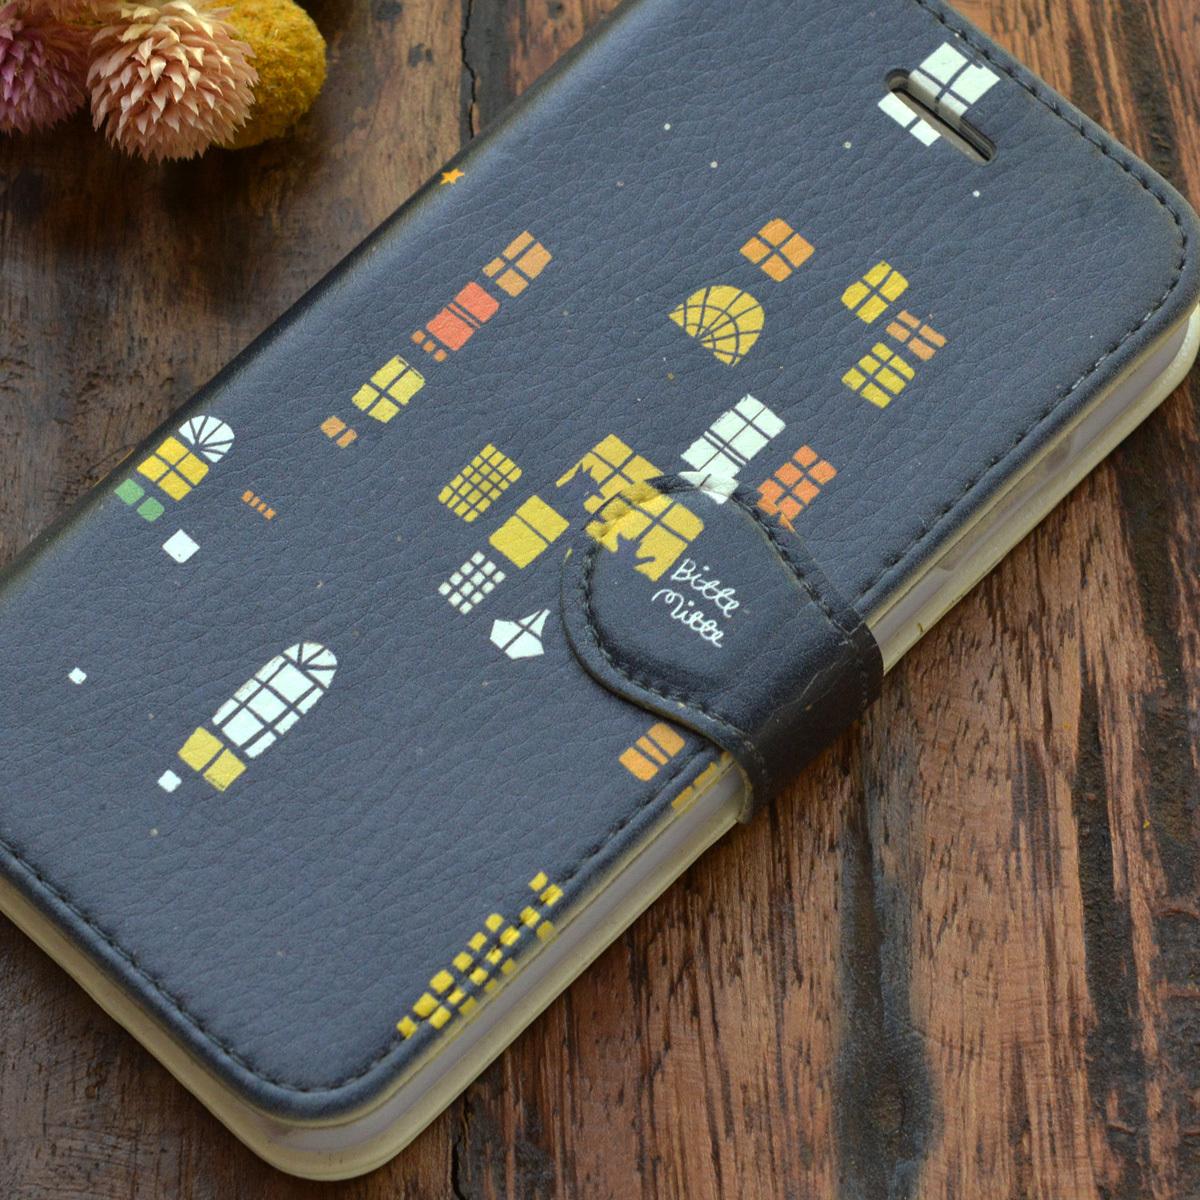 【訳あり】スマホケース iphone8 手帳型 おしゃれ iphone8 カバー ケース 手帳型 iphone7 ケース おしゃれ 手帳 夜のおはなし/Bitte Mitte!【bm-iph8t-08024-B1】